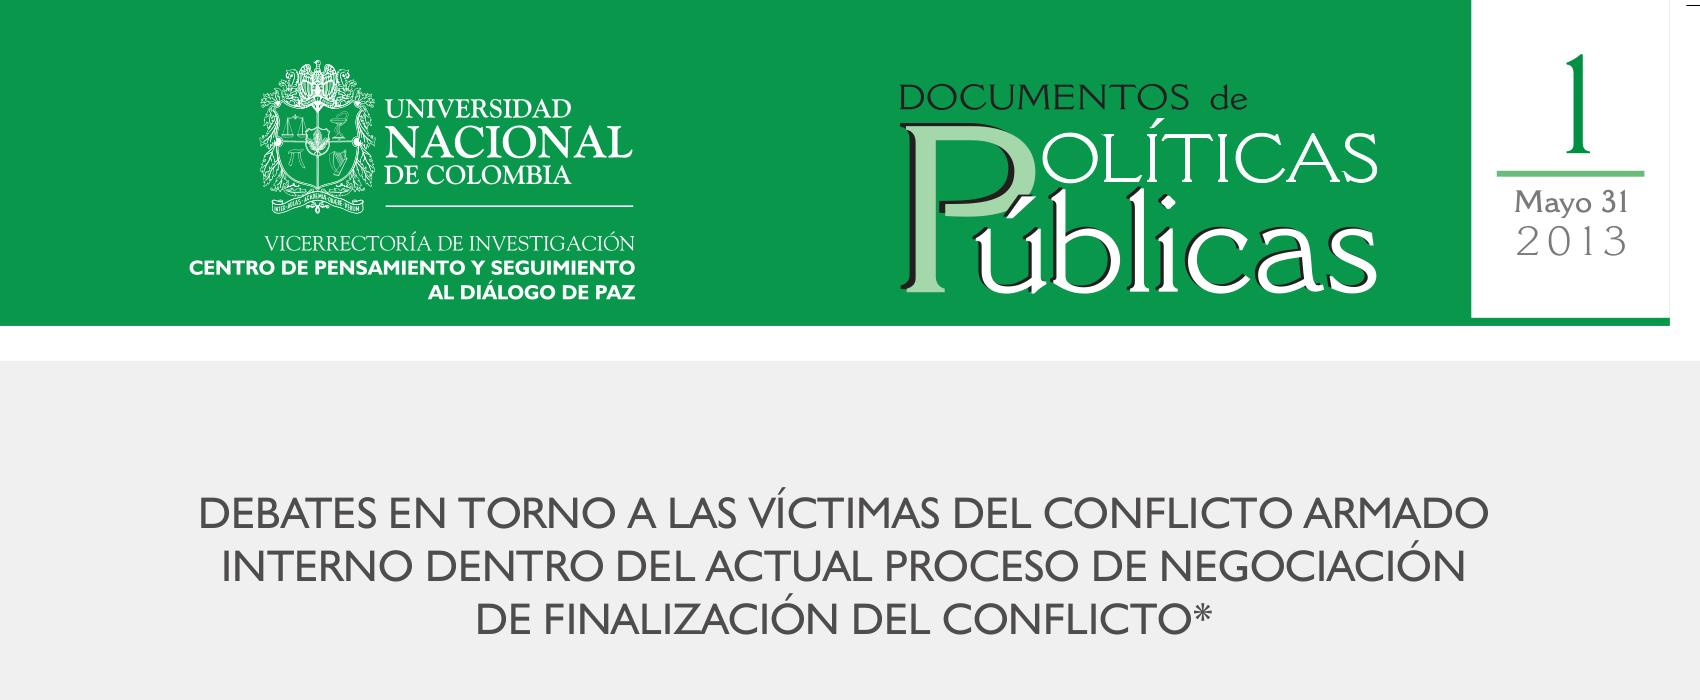 1. «Debates en torno a las víctimas del conflicto armado interno dentro del actual proceso de negociación de finalización del conflicto»